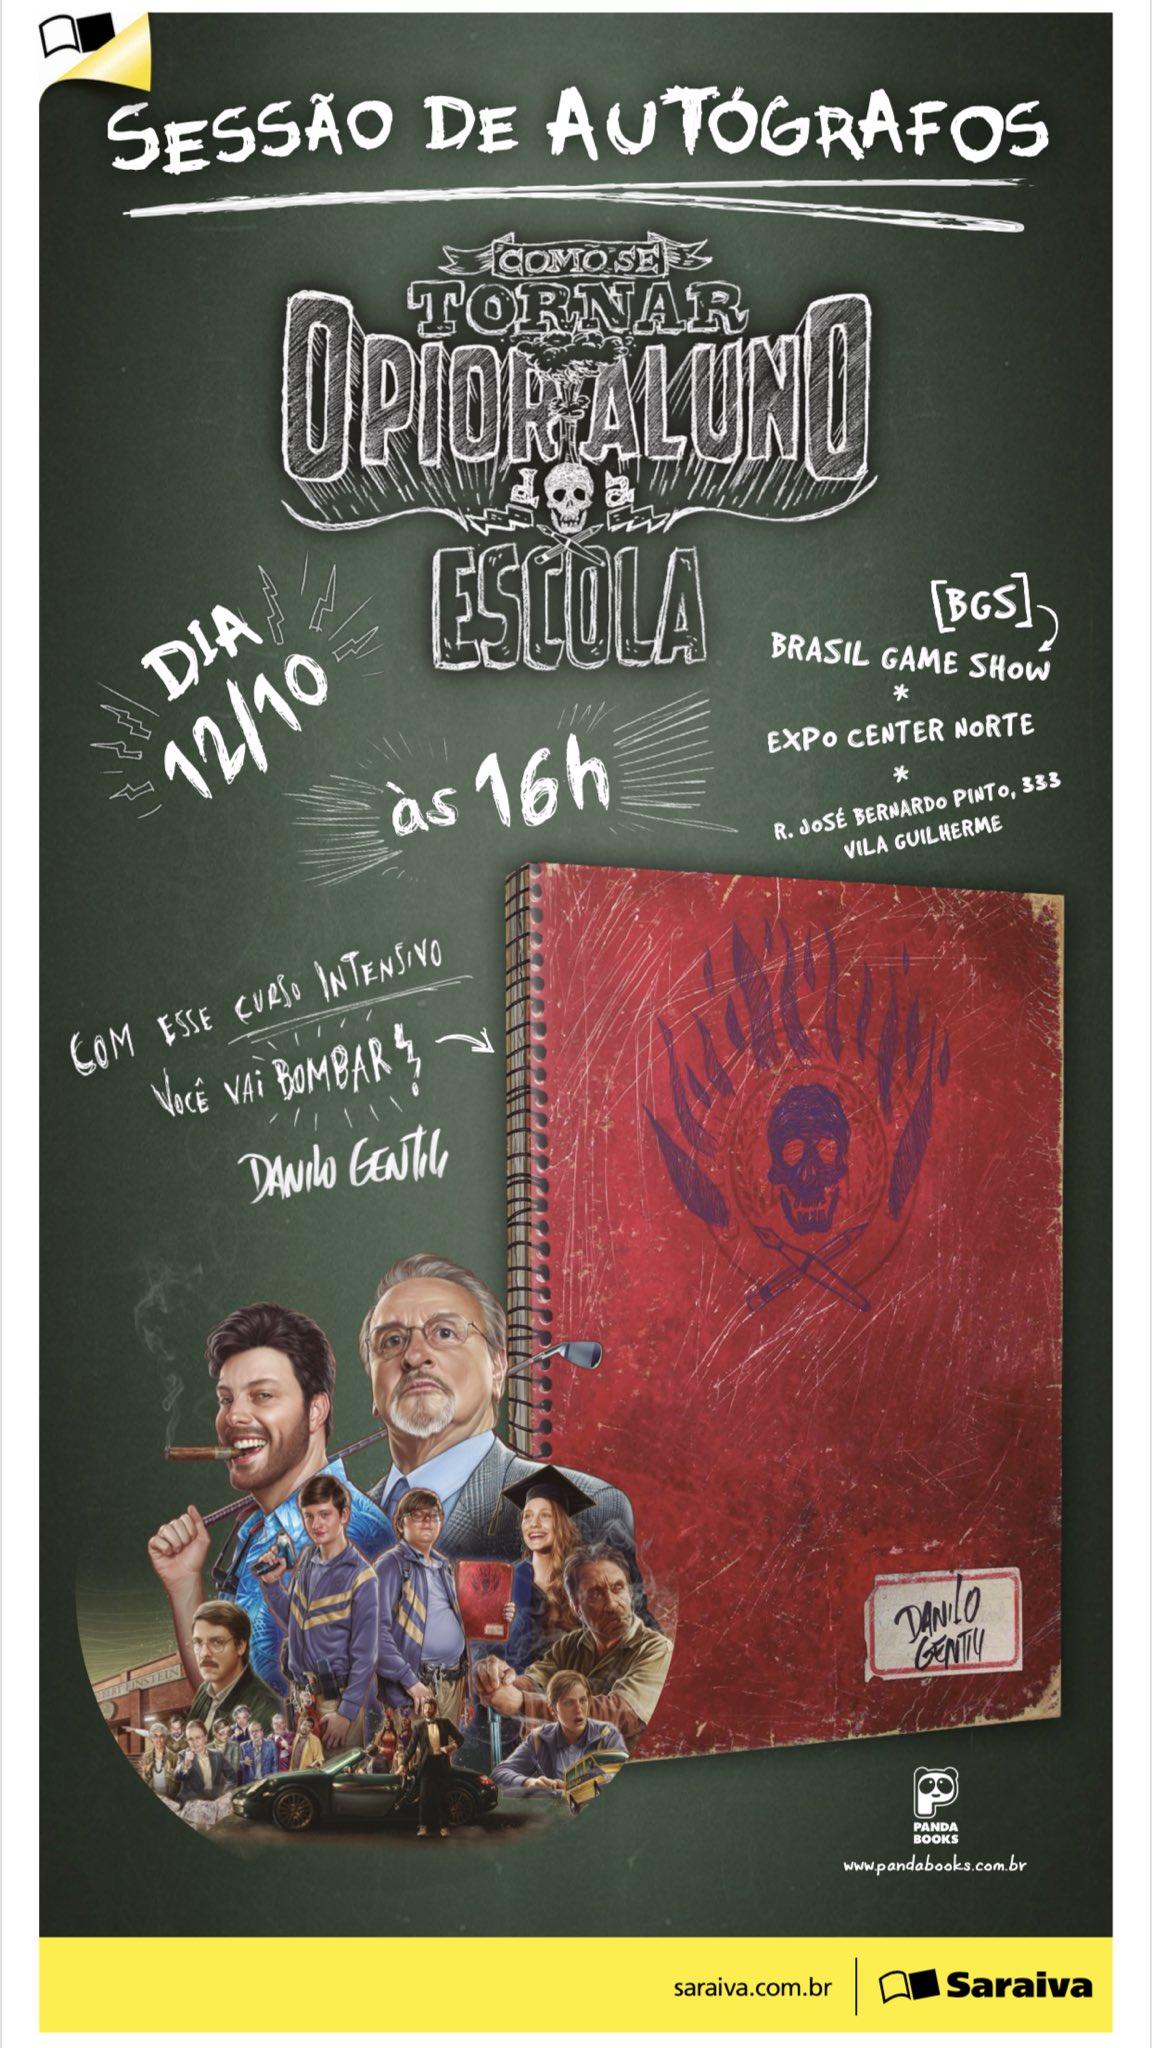 HOJE TEM:  - Estréia do Filme nos cinemas   - Sessão de autógrafos do livro as 16:00 na @Saraiva da @BrasilGameShow https://t.co/iM6sp9w1WW